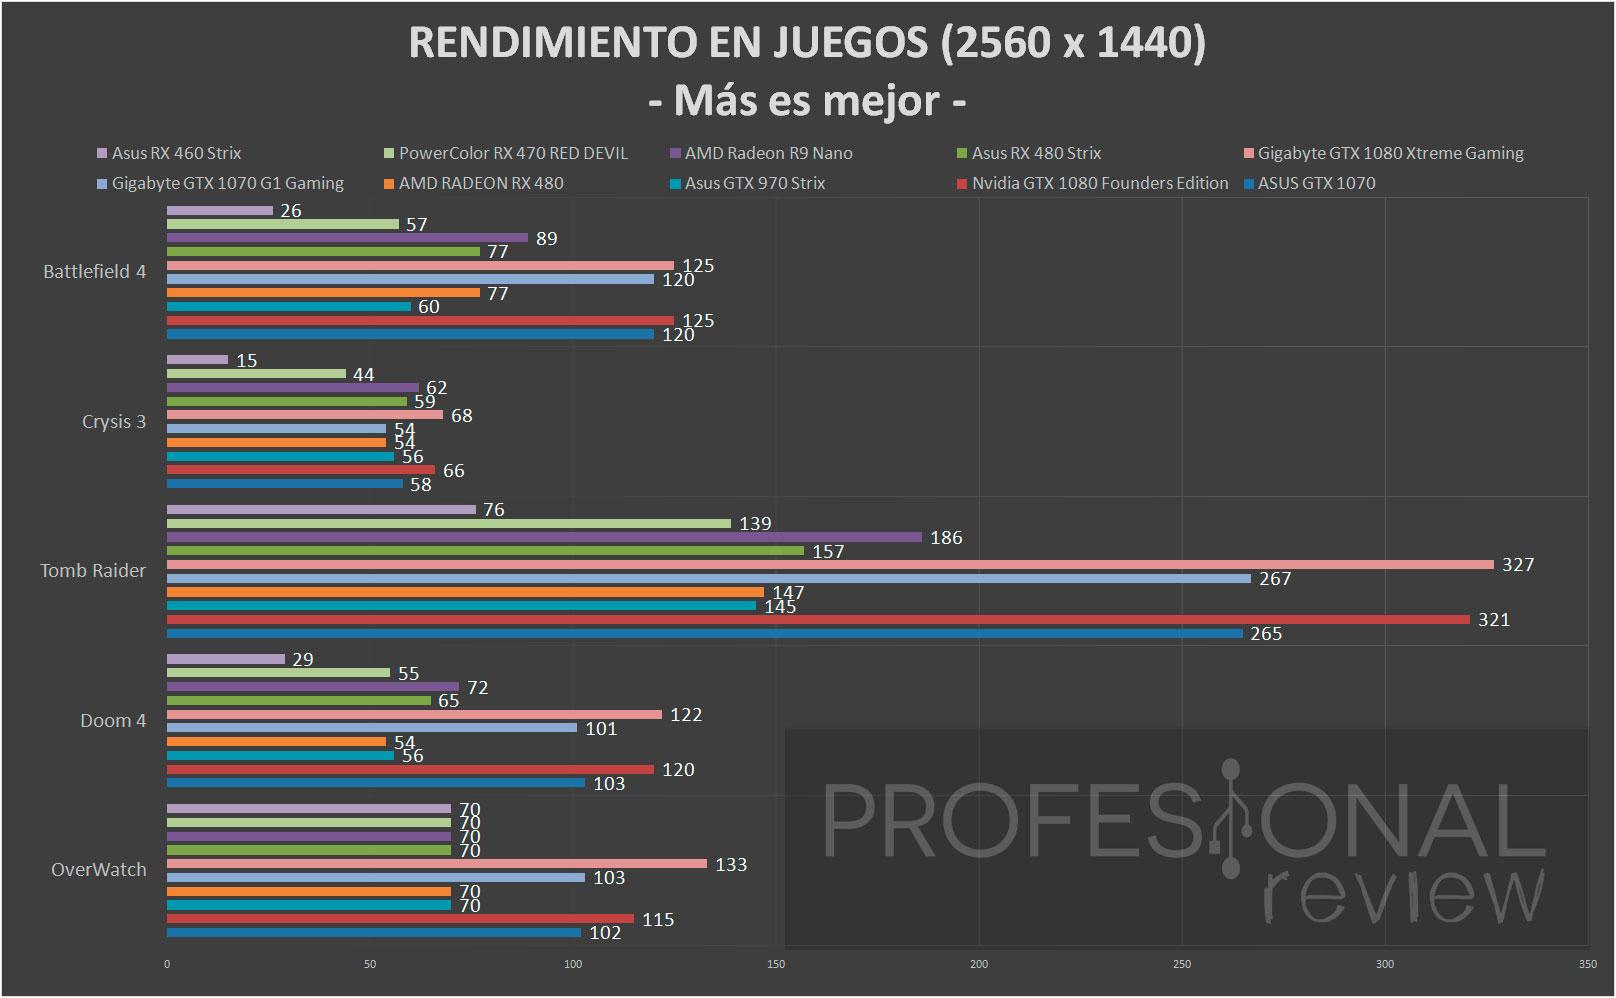 Asus RX 460 Strix juegos 1440